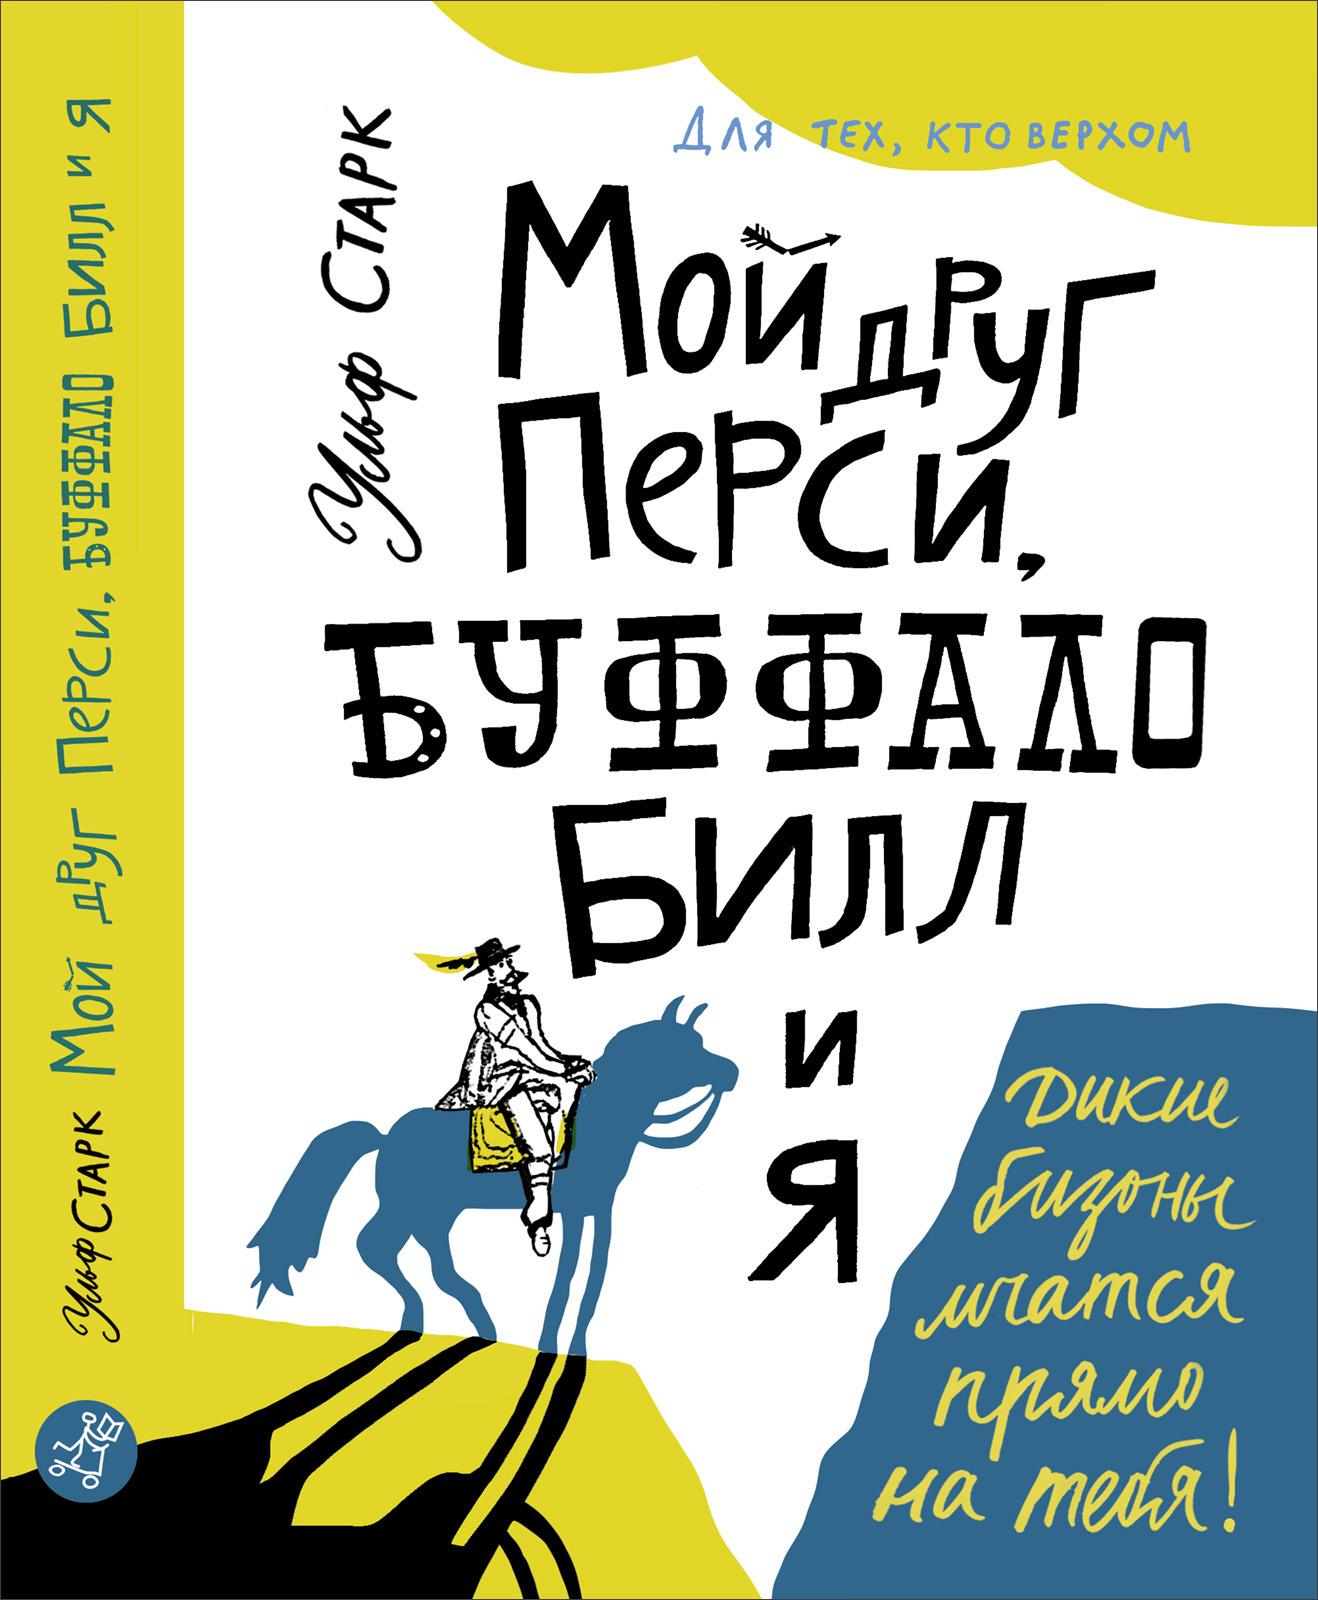 Ульф Старк Мой друг Перси, Буффало Билл и я. (2-е издание)